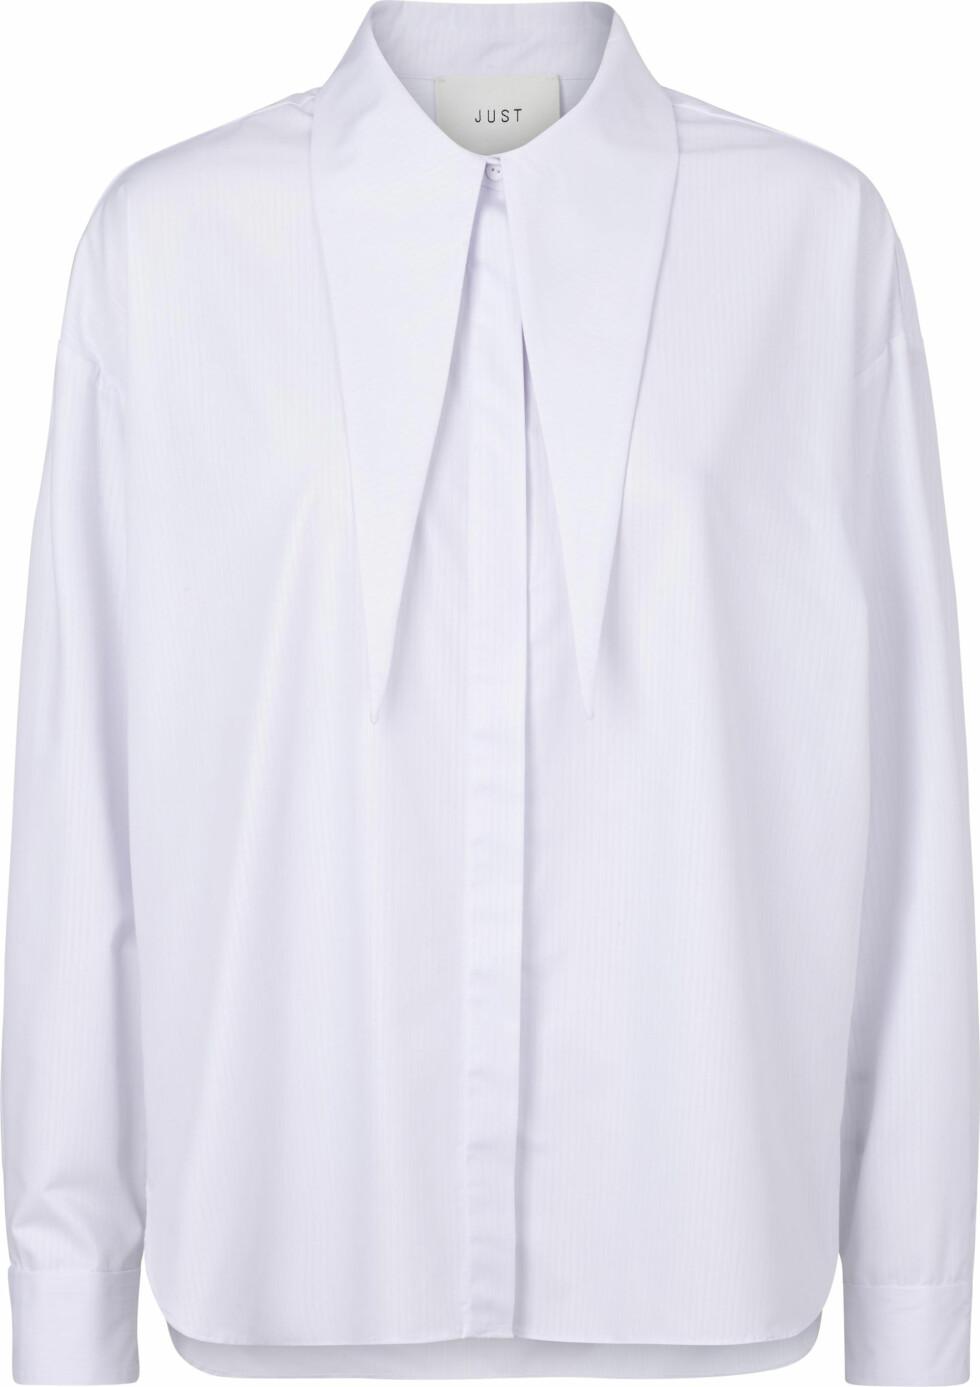 Hvit skjorte (kr 1200, Just Female).